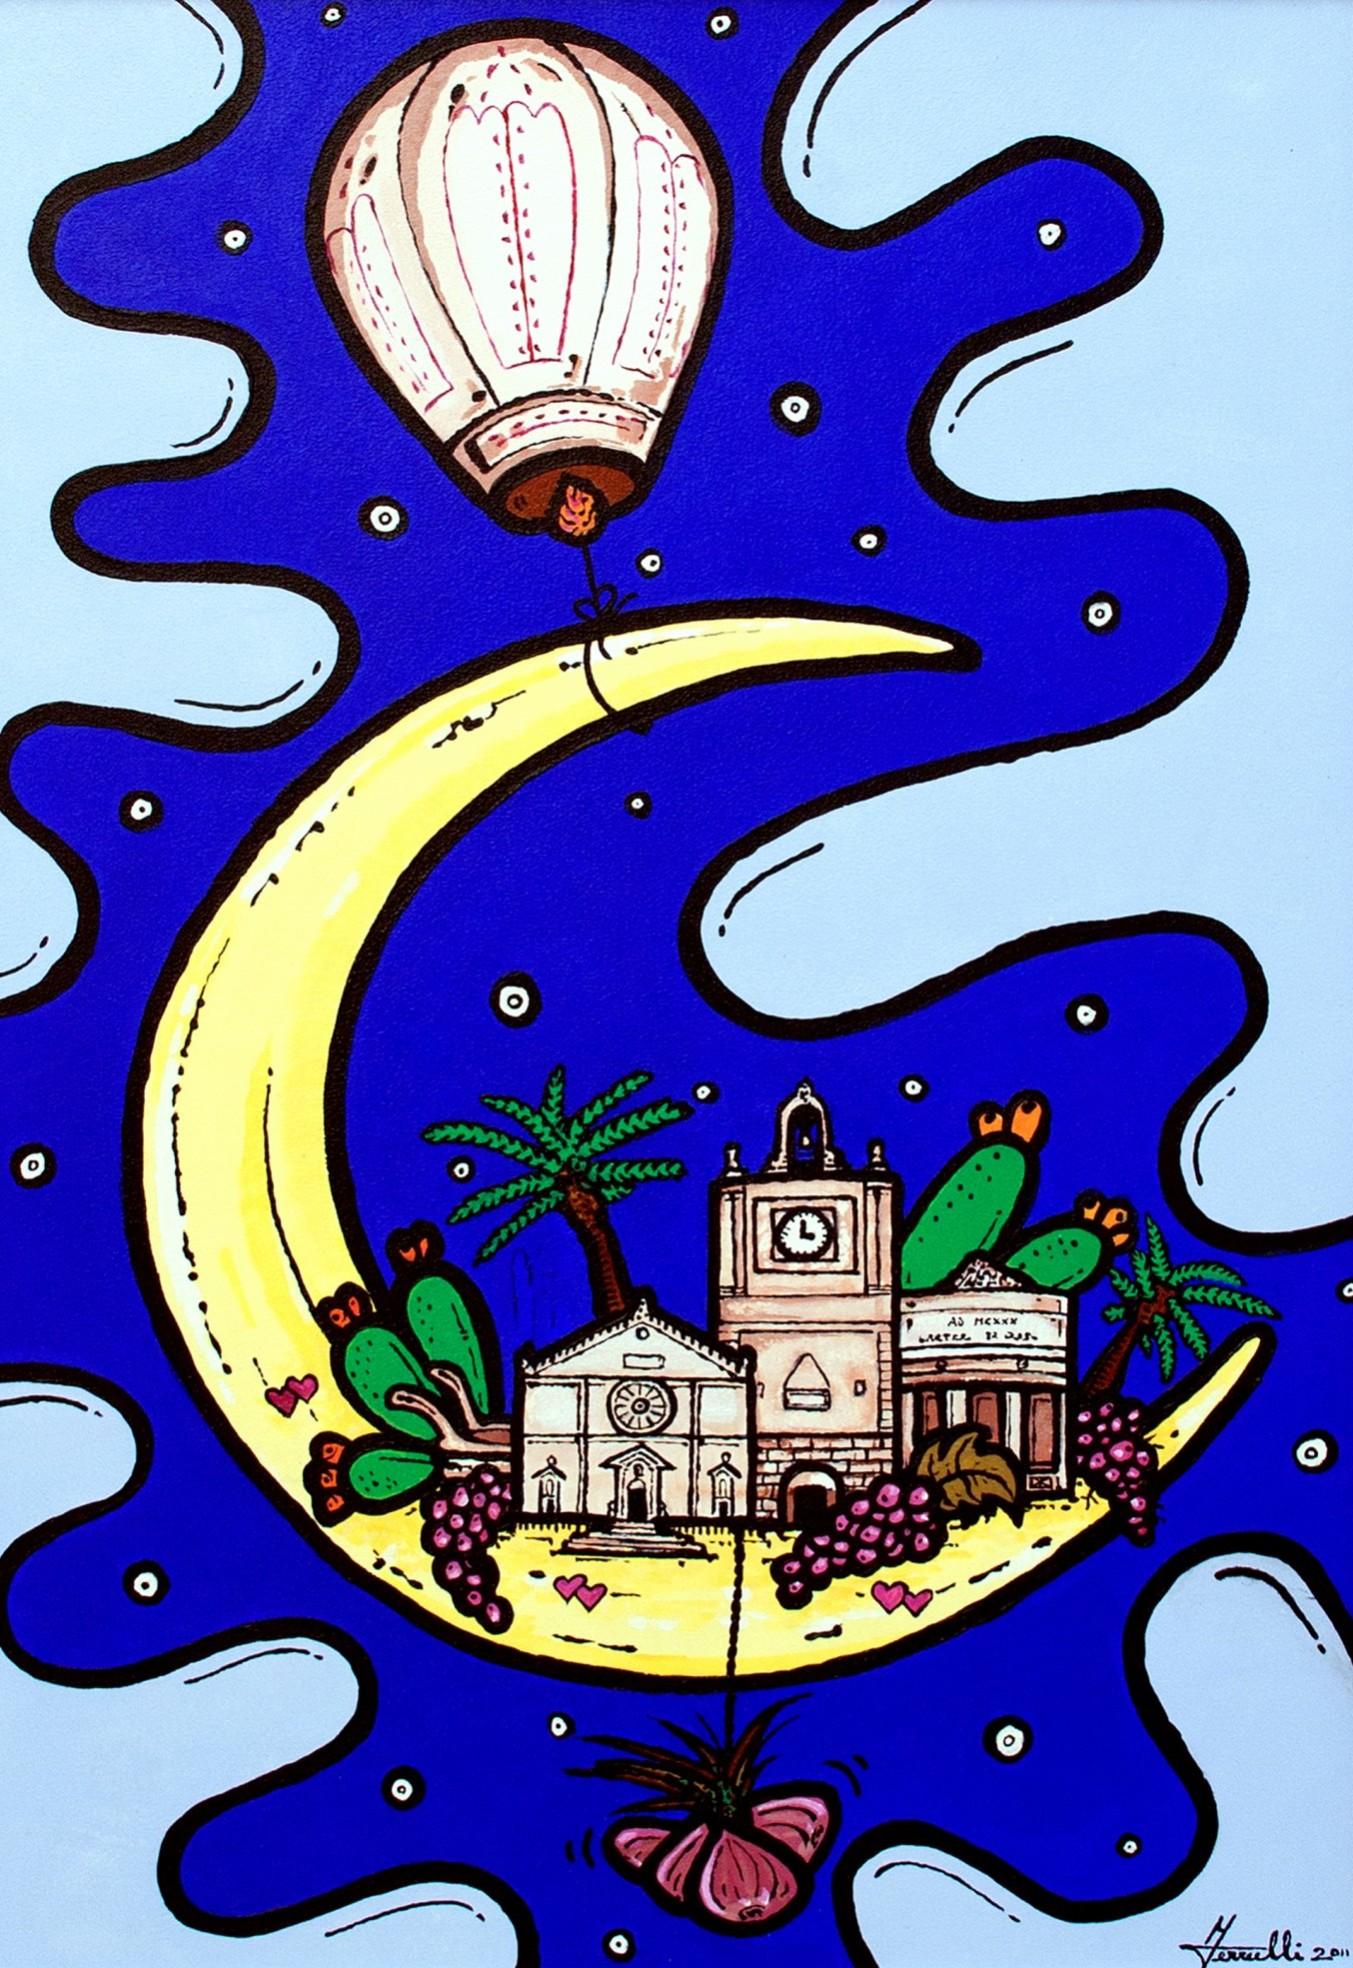 opera, contornismo metafisico, francesco ferrulli, pittore pugliese, artista italiano, arte contemporanea, dipinto, olio su tela, paesaggi pugliesi, puglia, quadro colorato, oil on canvas, art, painter, borgo a colori, acquaviva delle fonti,